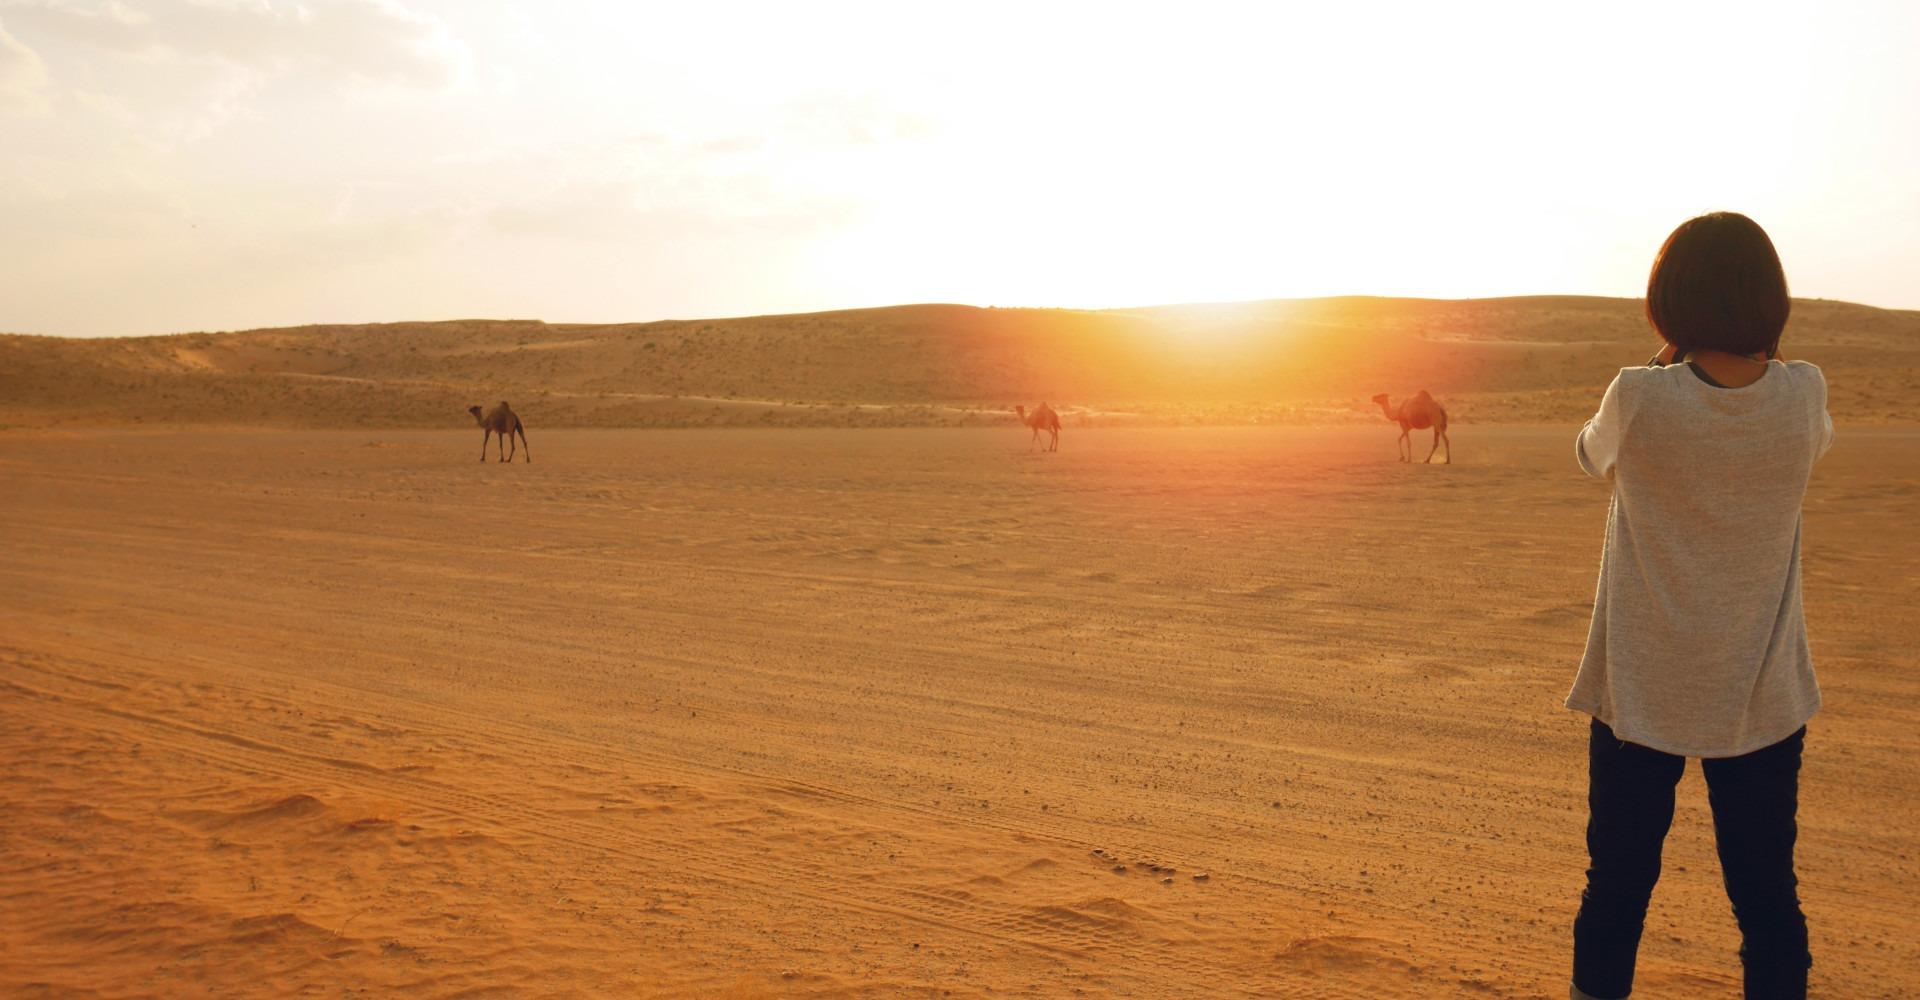 Vrouw in woestijn met kamelen op de achtergrond tijdens zonsondergang, Wahiba Sands, Oman